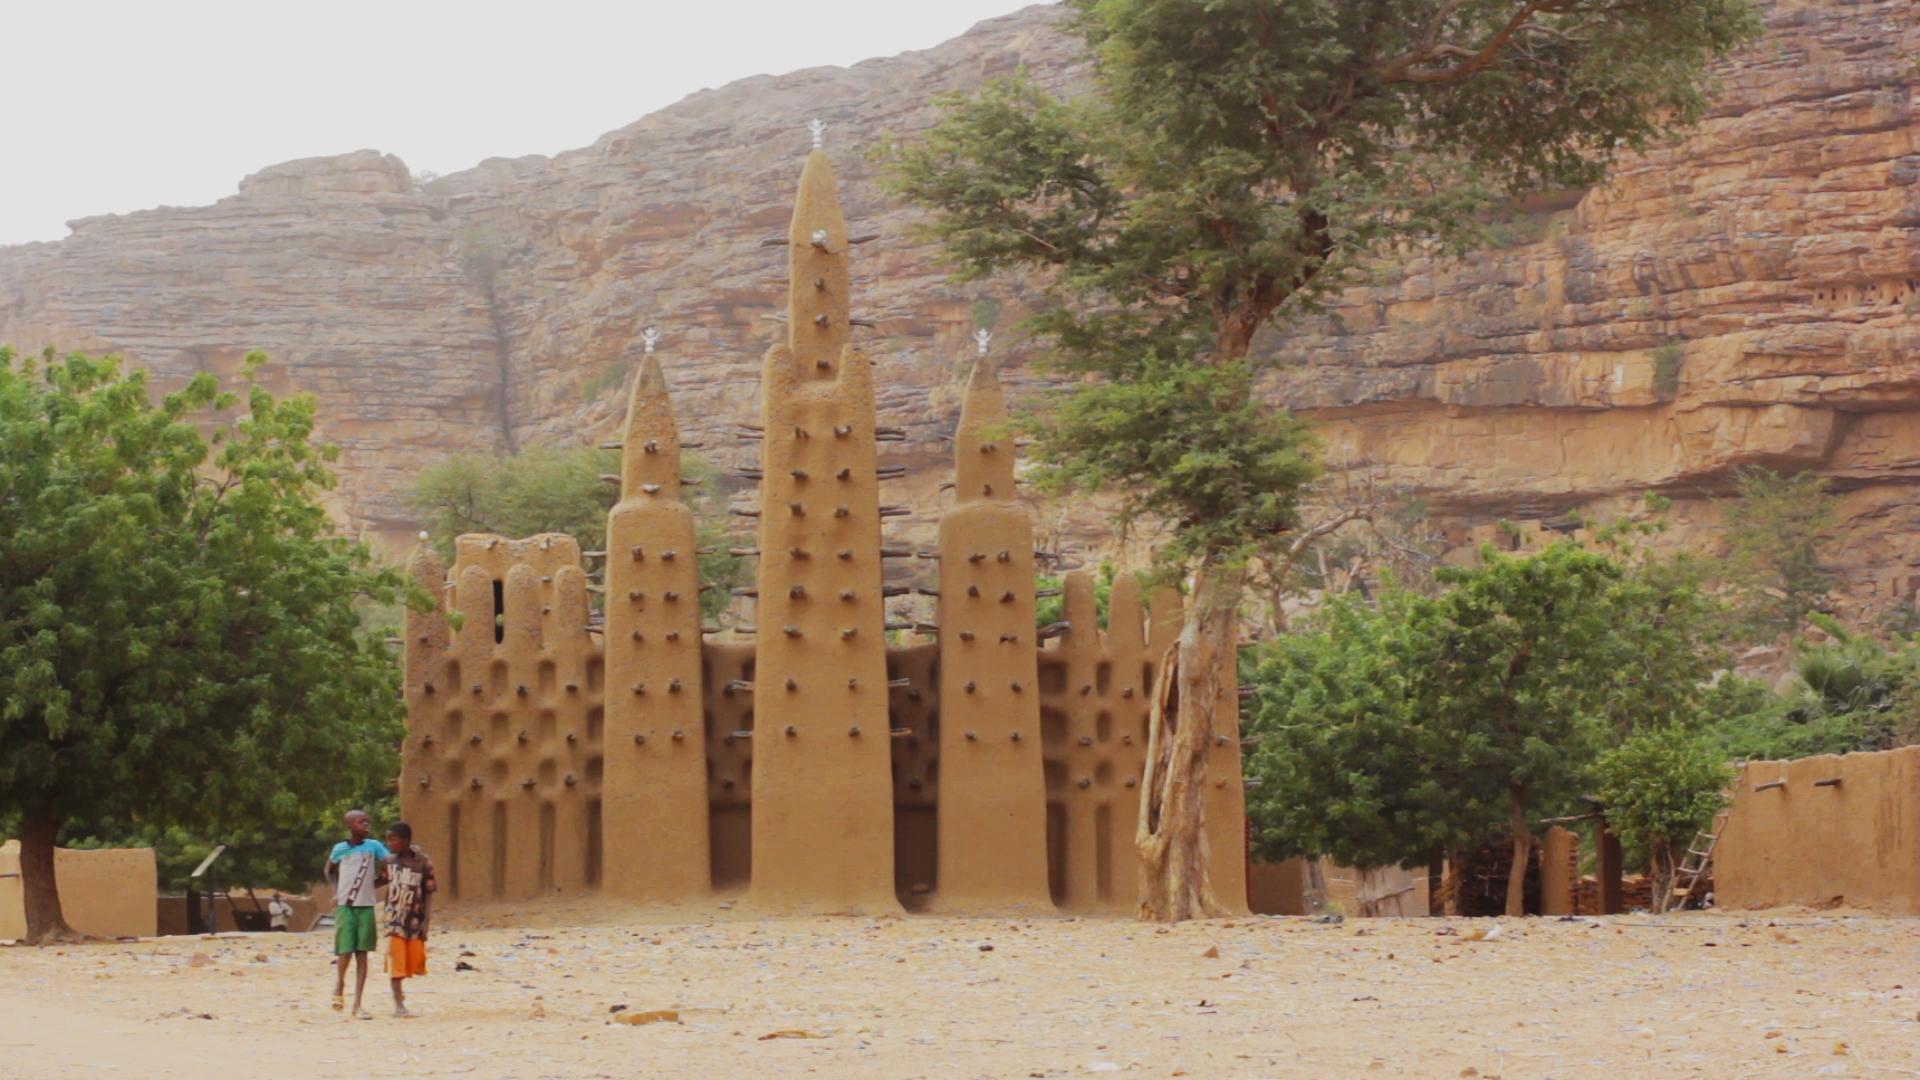 mezquita kanikombole bandiagara pablocamintnate bandido cine - Malí 6, País Dogon III: Falla de Bandiagara